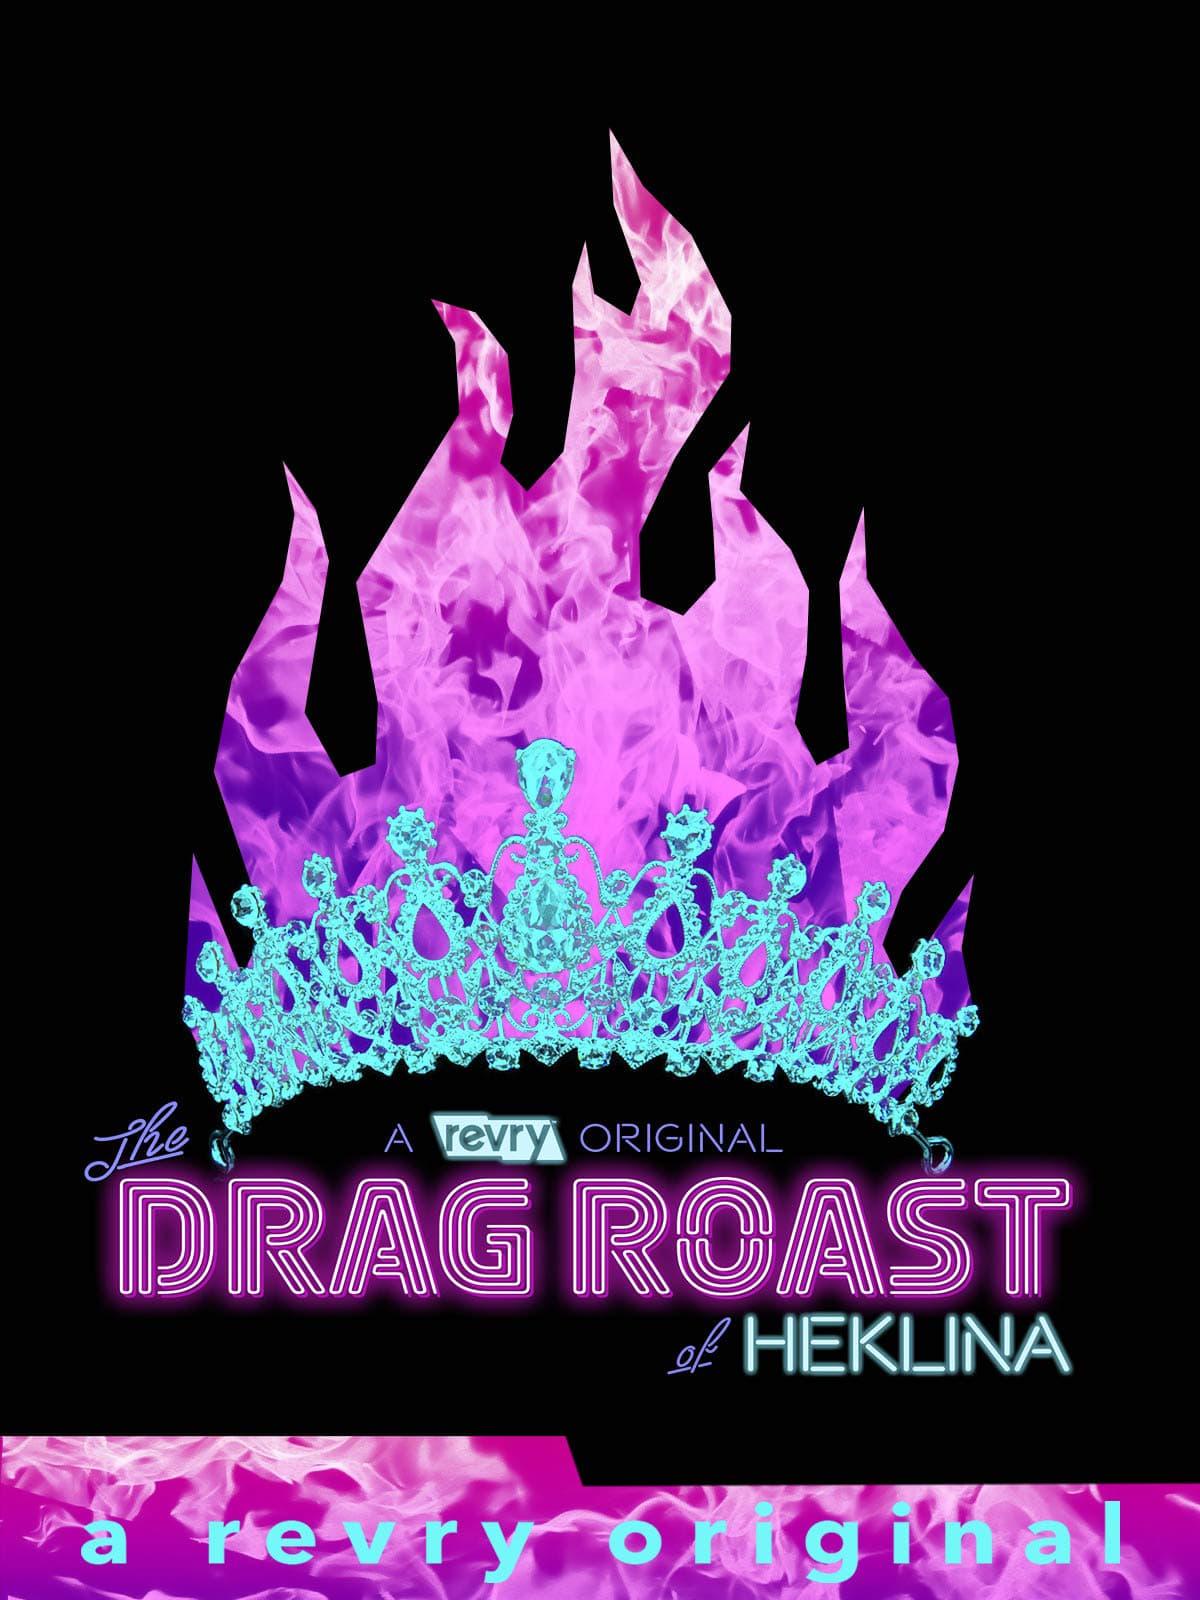 The Drag Roast of Heklina (2018)